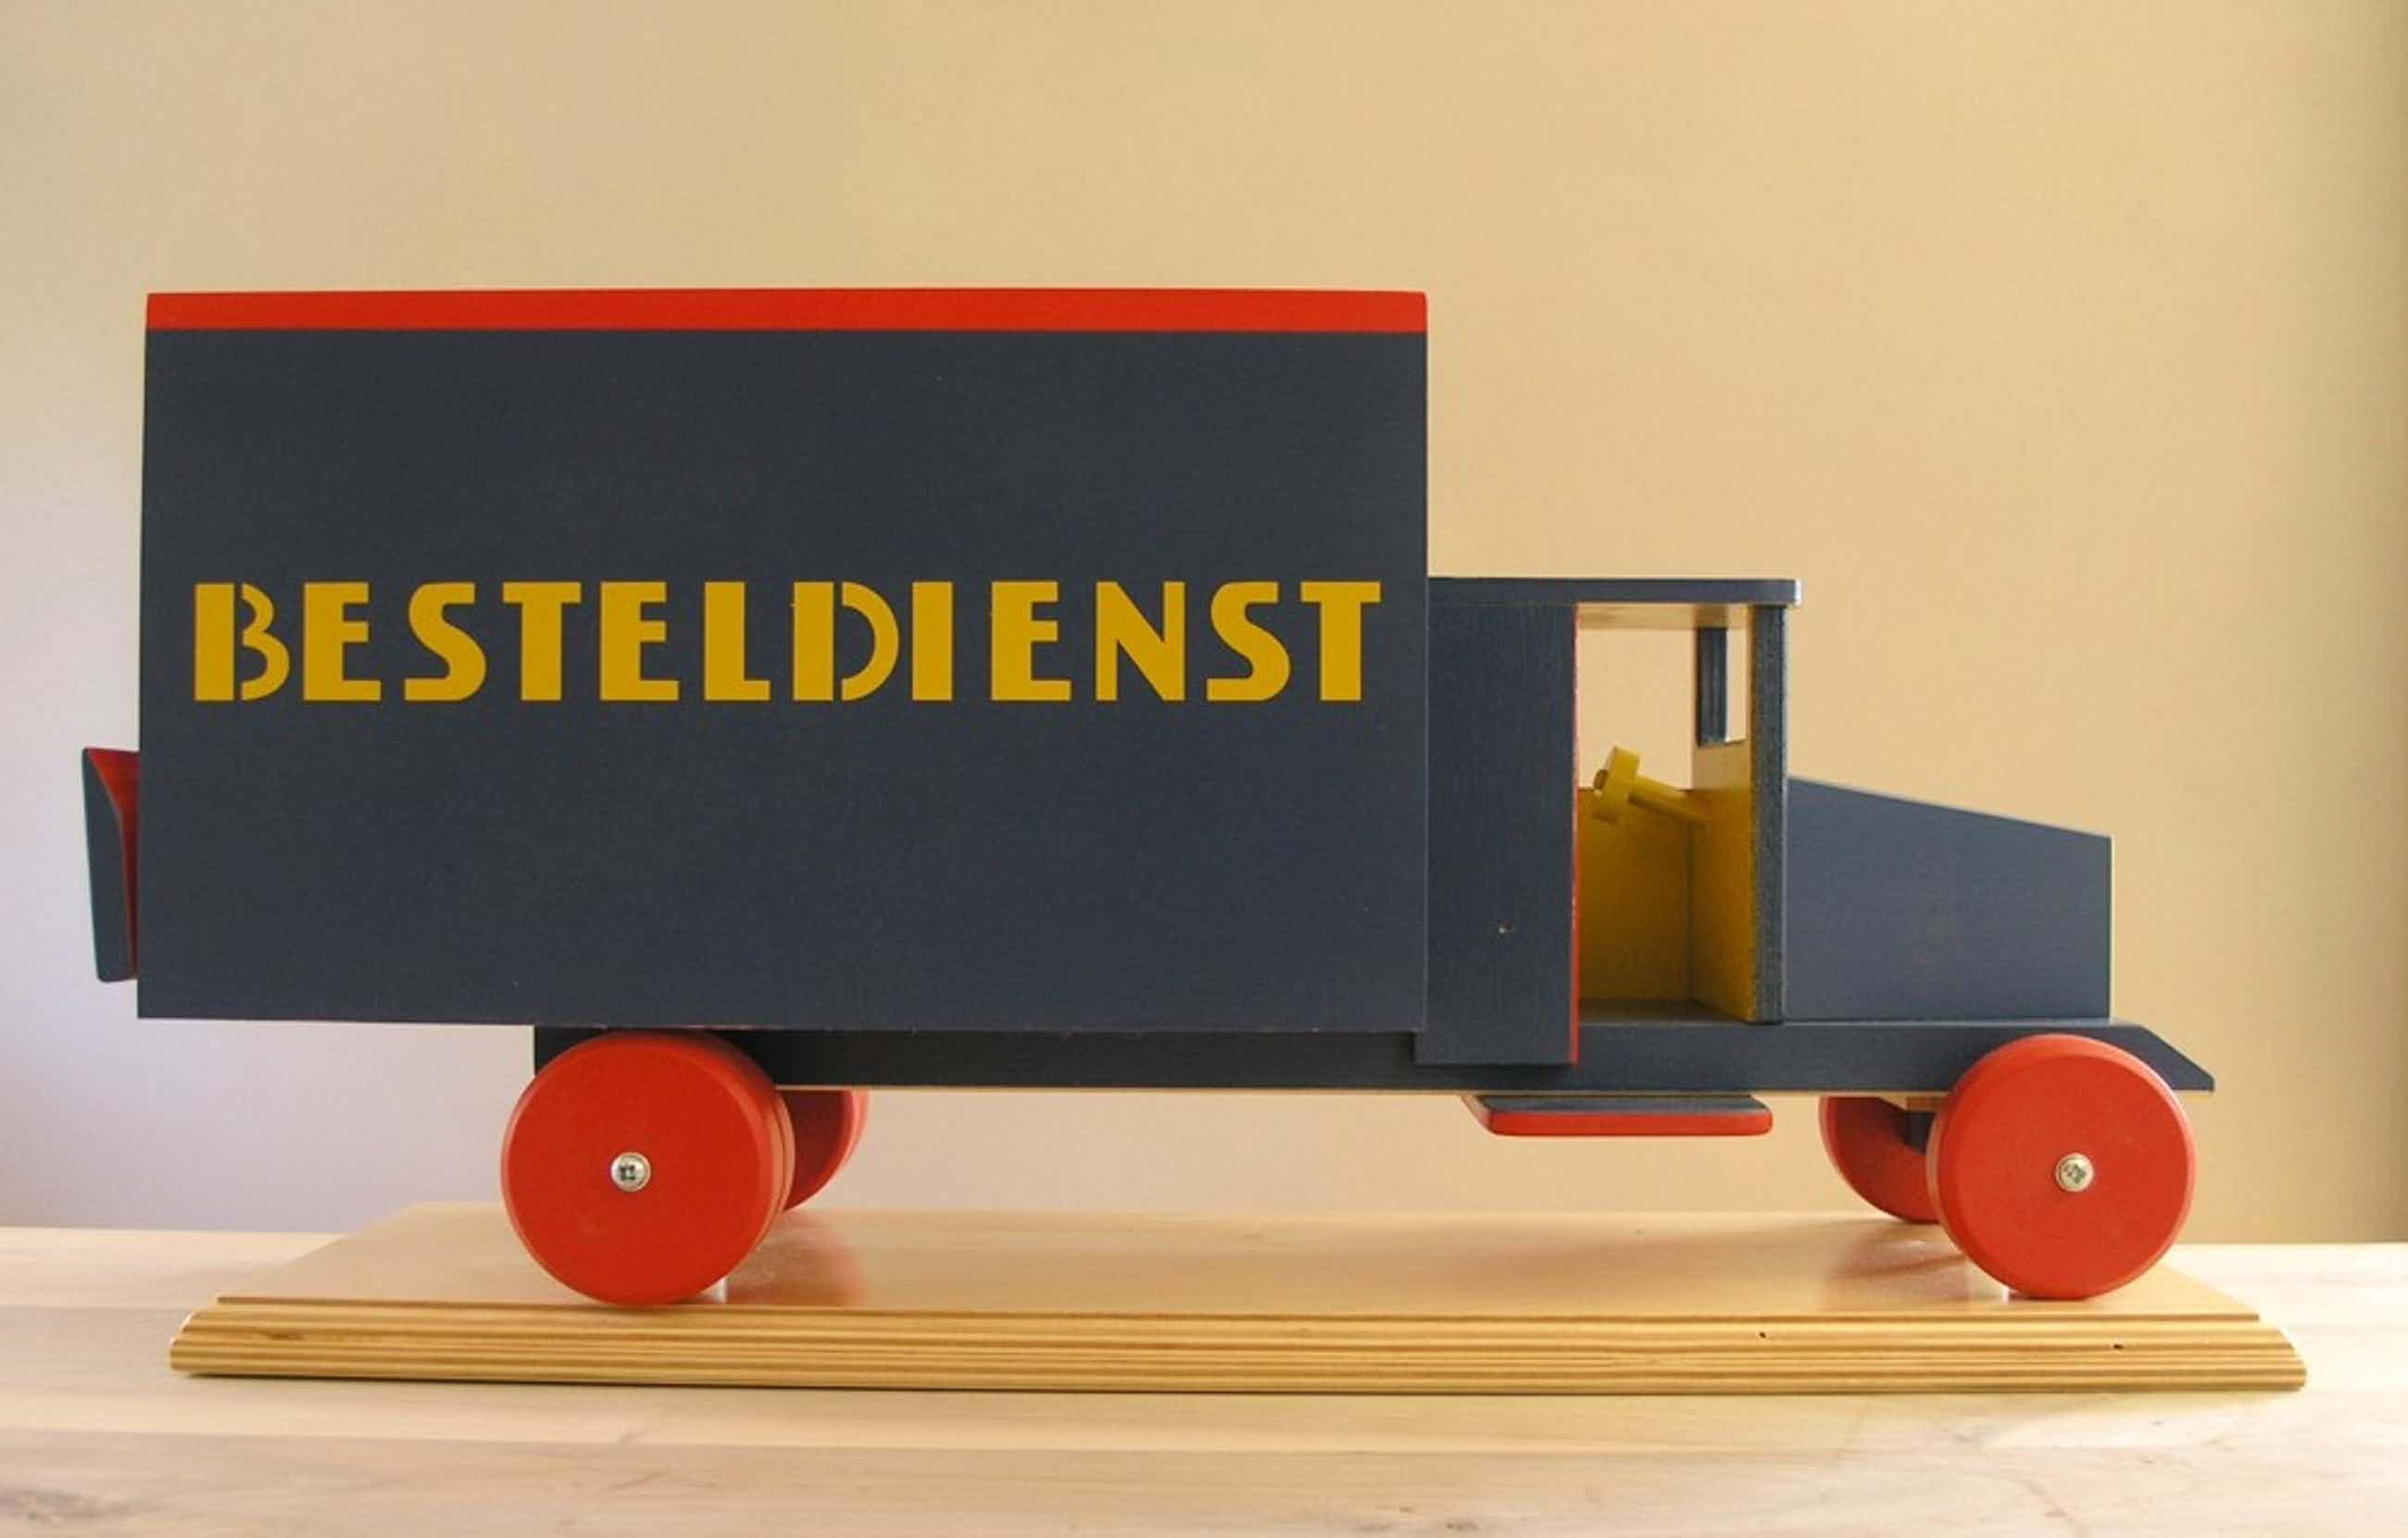 ADO - de Stijl, Ko Verzuu #BESTELDIENST, 50 cm.# Hout /Wooden toy, ltd ed. 250, kopen? Bied vanaf 80!